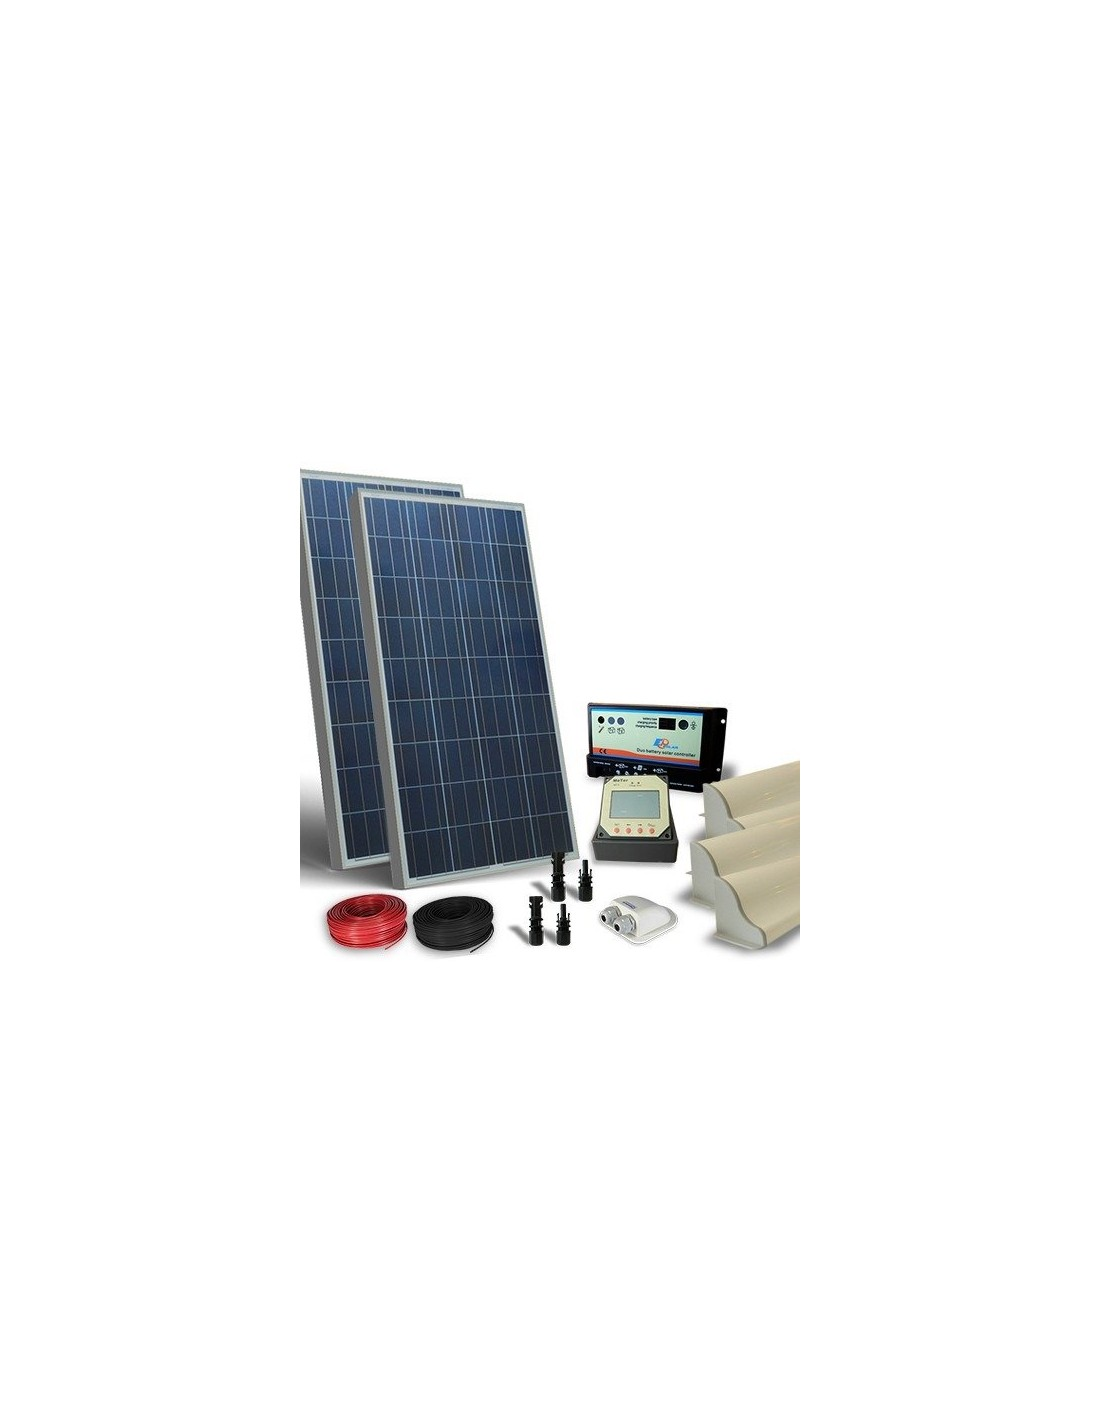 Pannello Solare Camper : Kit solare camper w v pro pannello fotovoltaico